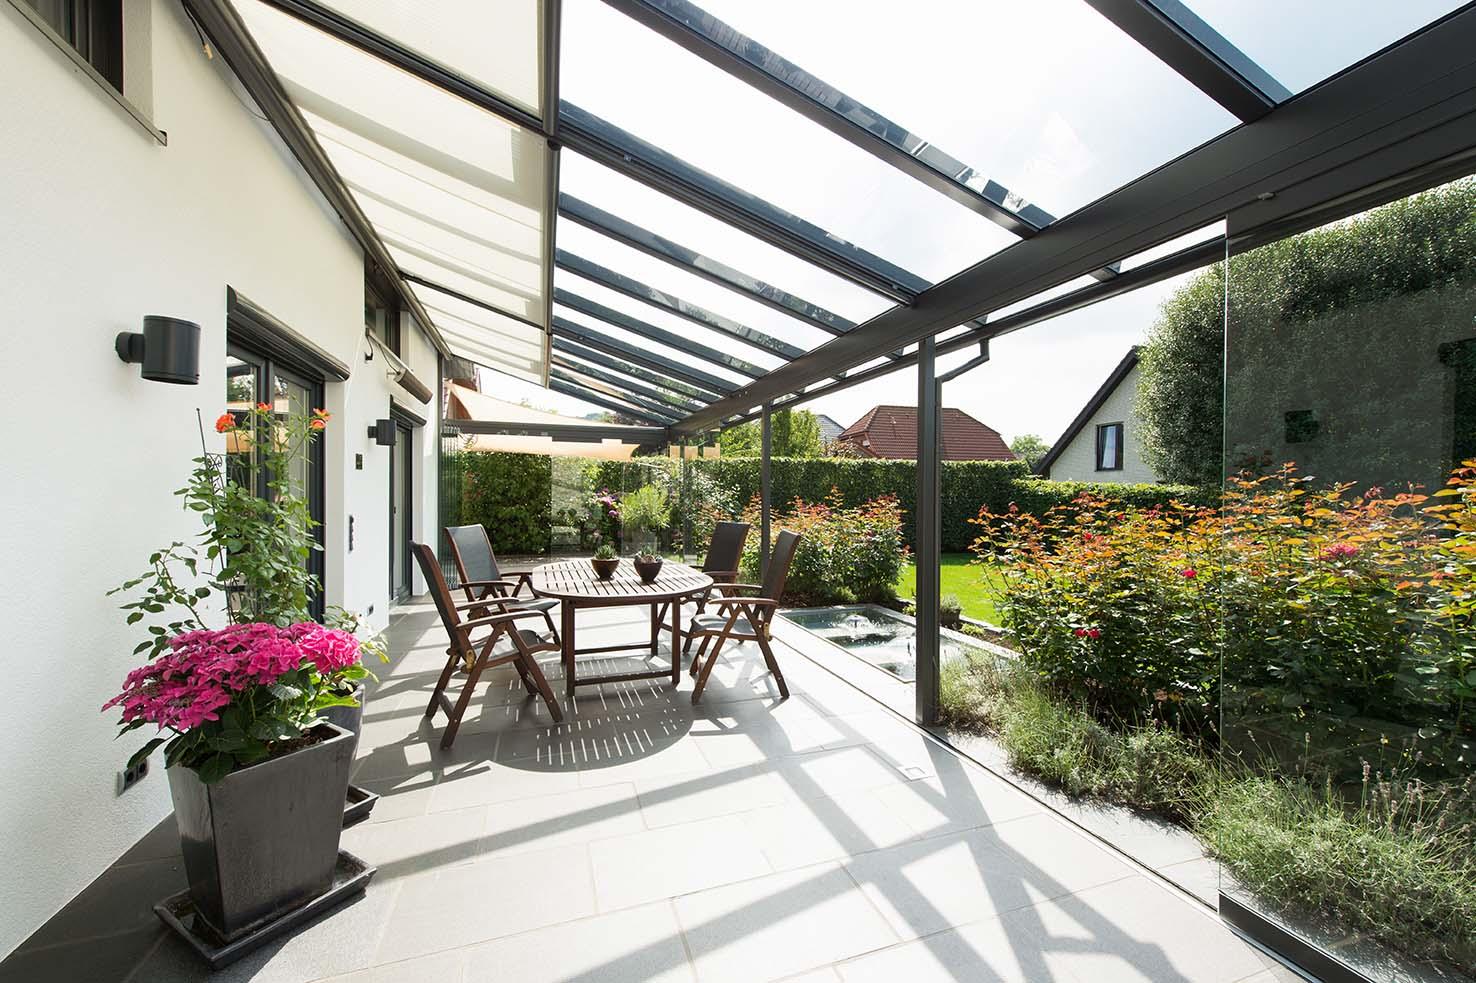 Terrasse mit gläserner Überdachung